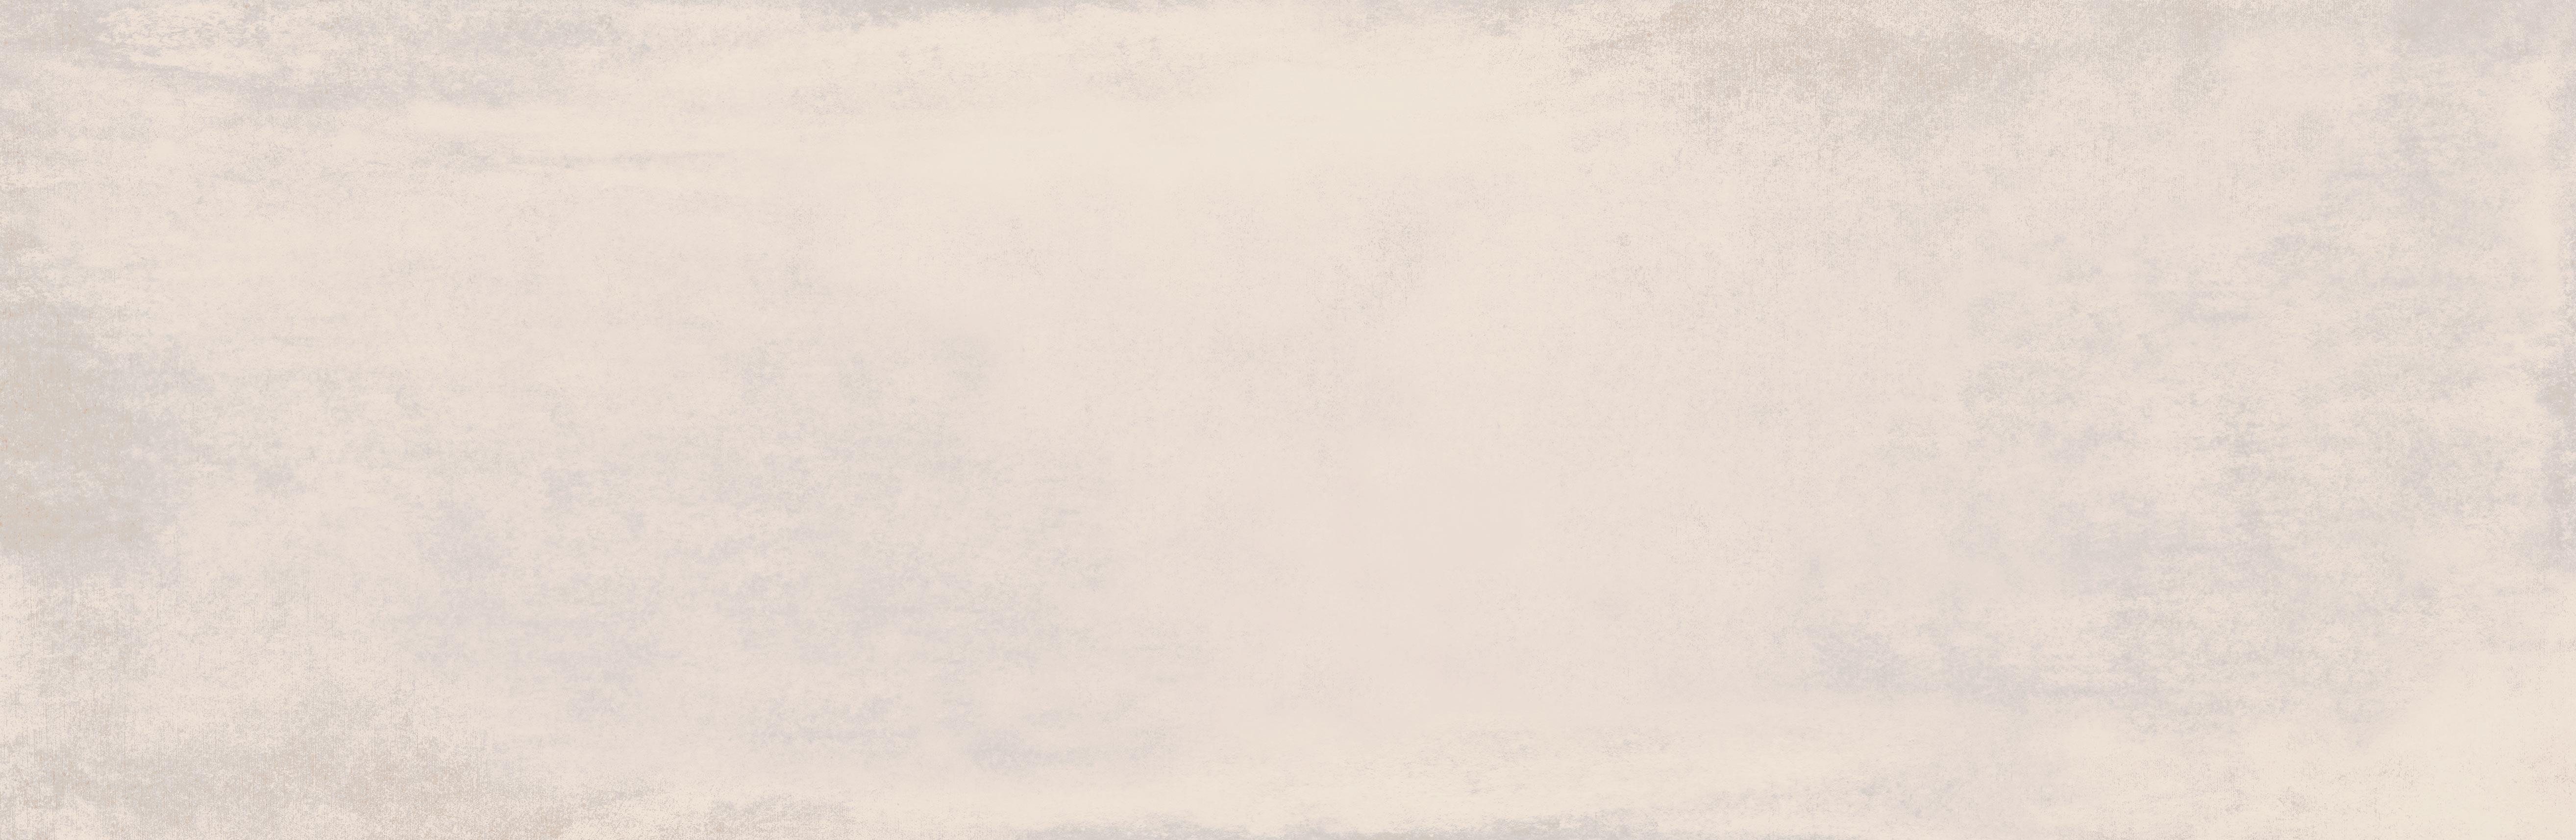 Купить Керамическая плитка Mei Sandy Island светло-бежевый (O-SAC-WTA301) настенная 29x89, Россия